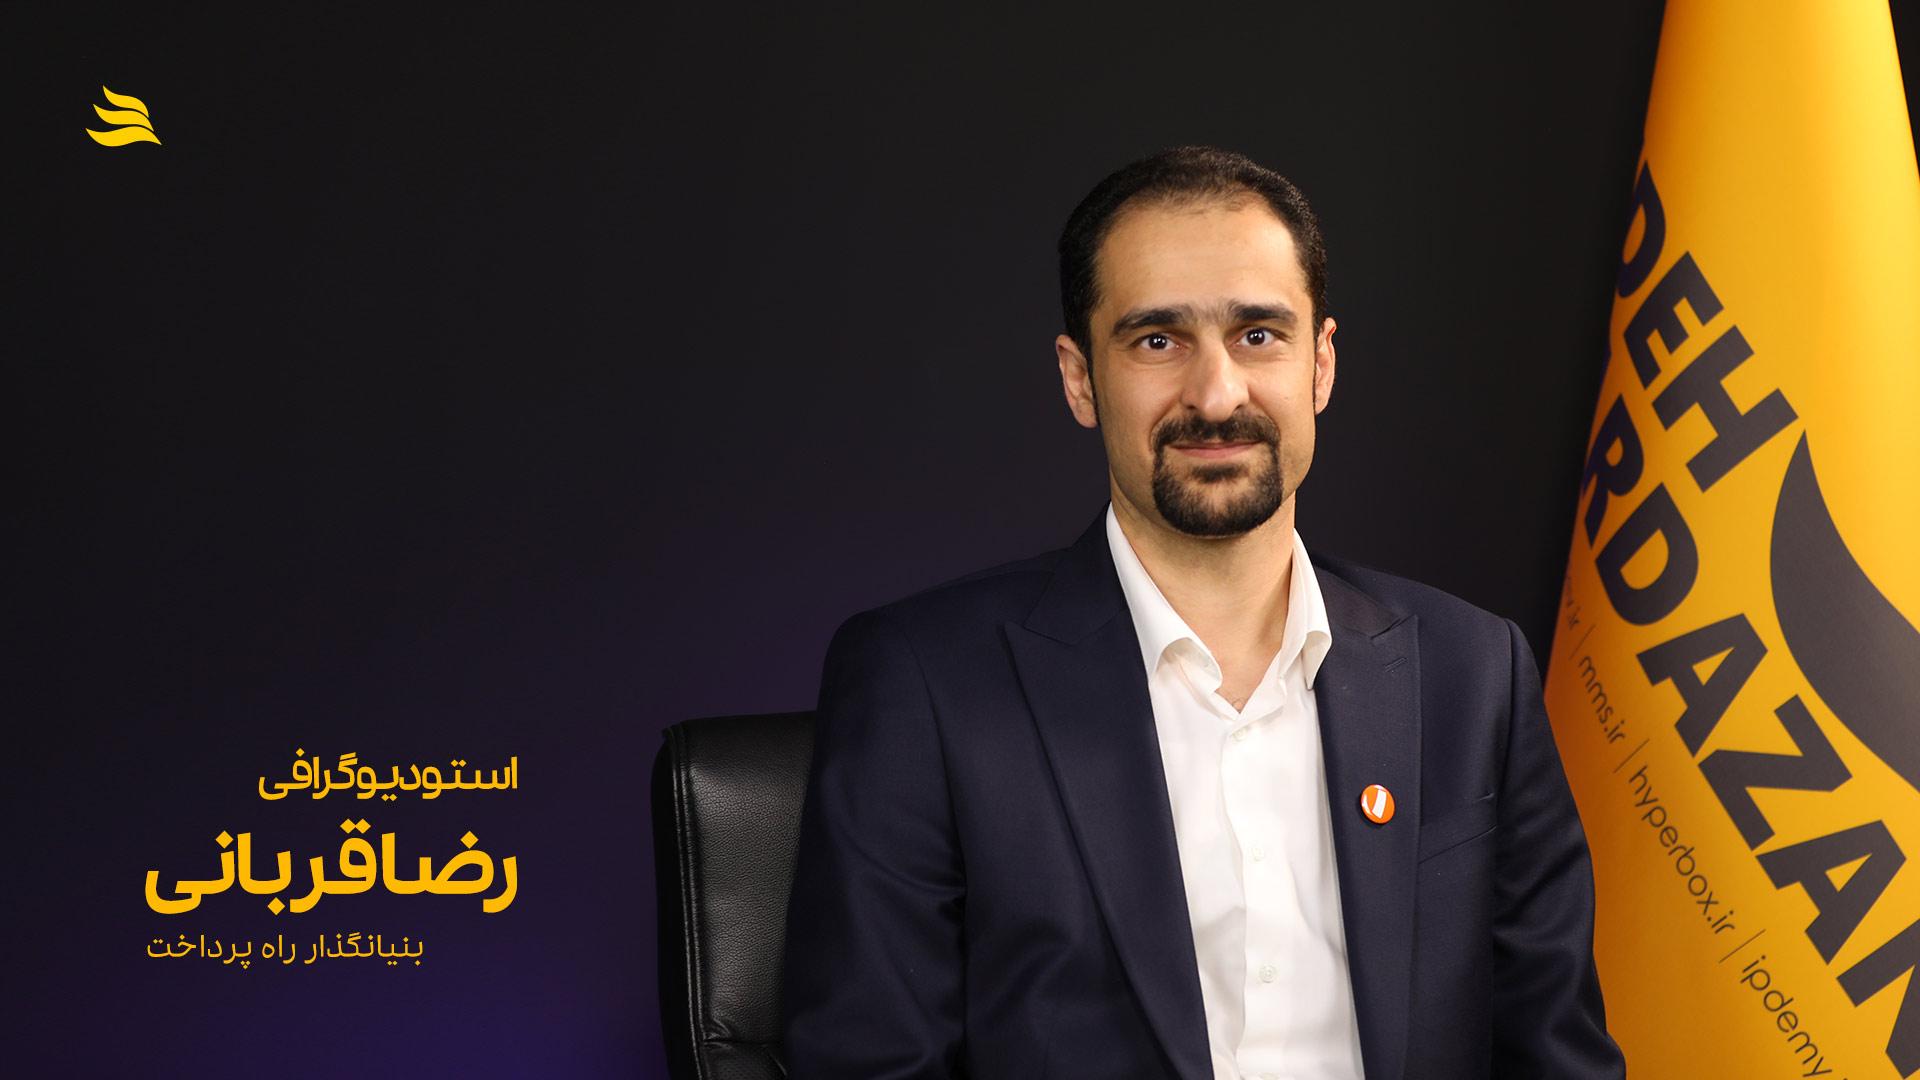 بیوگرافی رضا قربانی